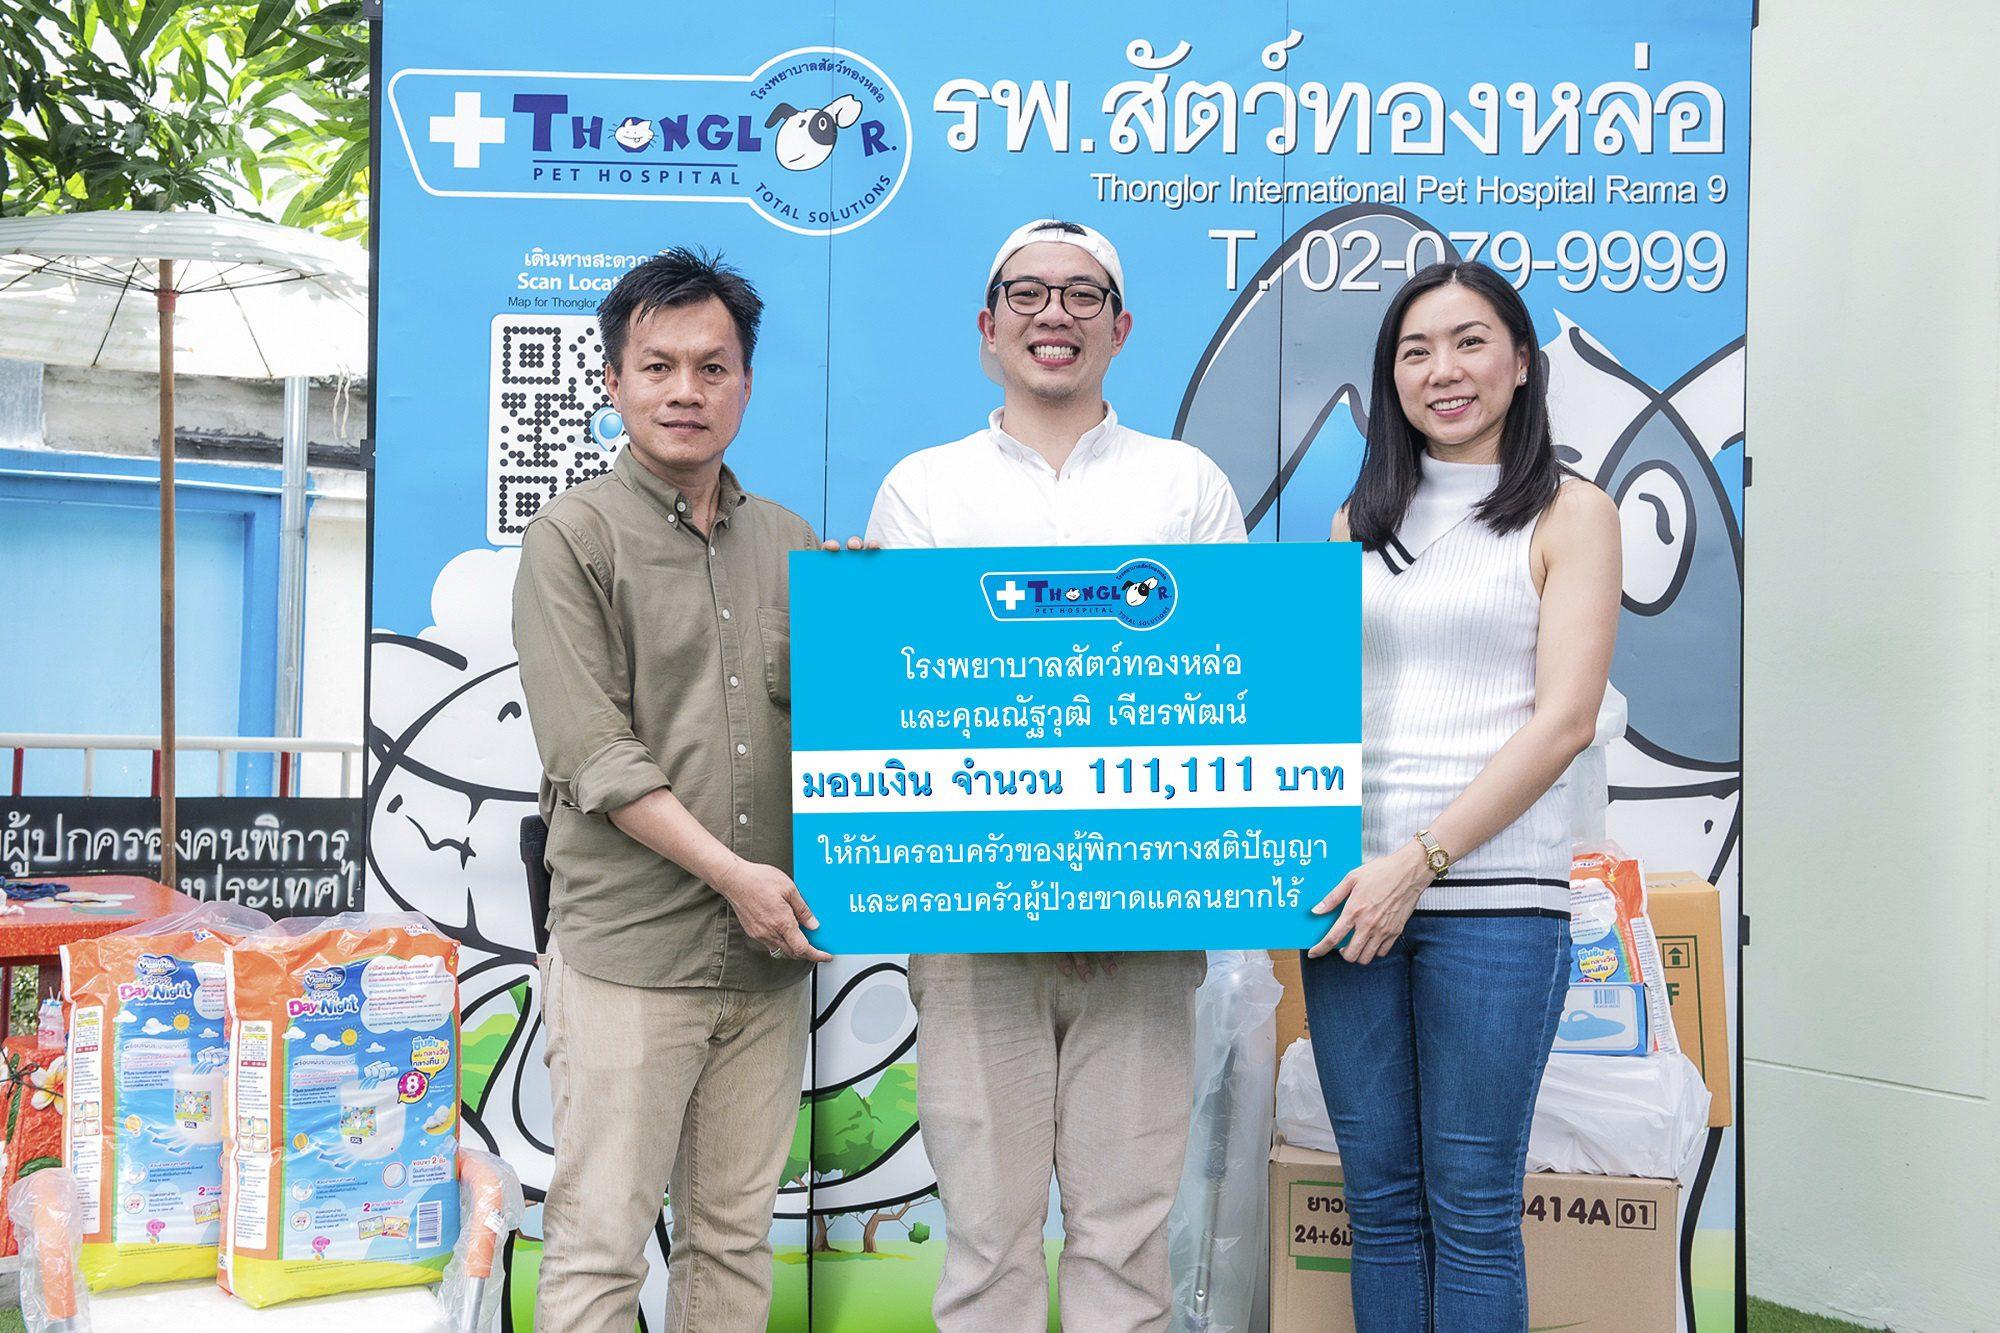 รพส.ทองหล่อ ร่วมกับเพจ French Buta จัดกิจกรรมและมอบเงิน  ให้กับสมาคมเพื่อคนพิการทางสติปัญญาแห่งประเทศไทย